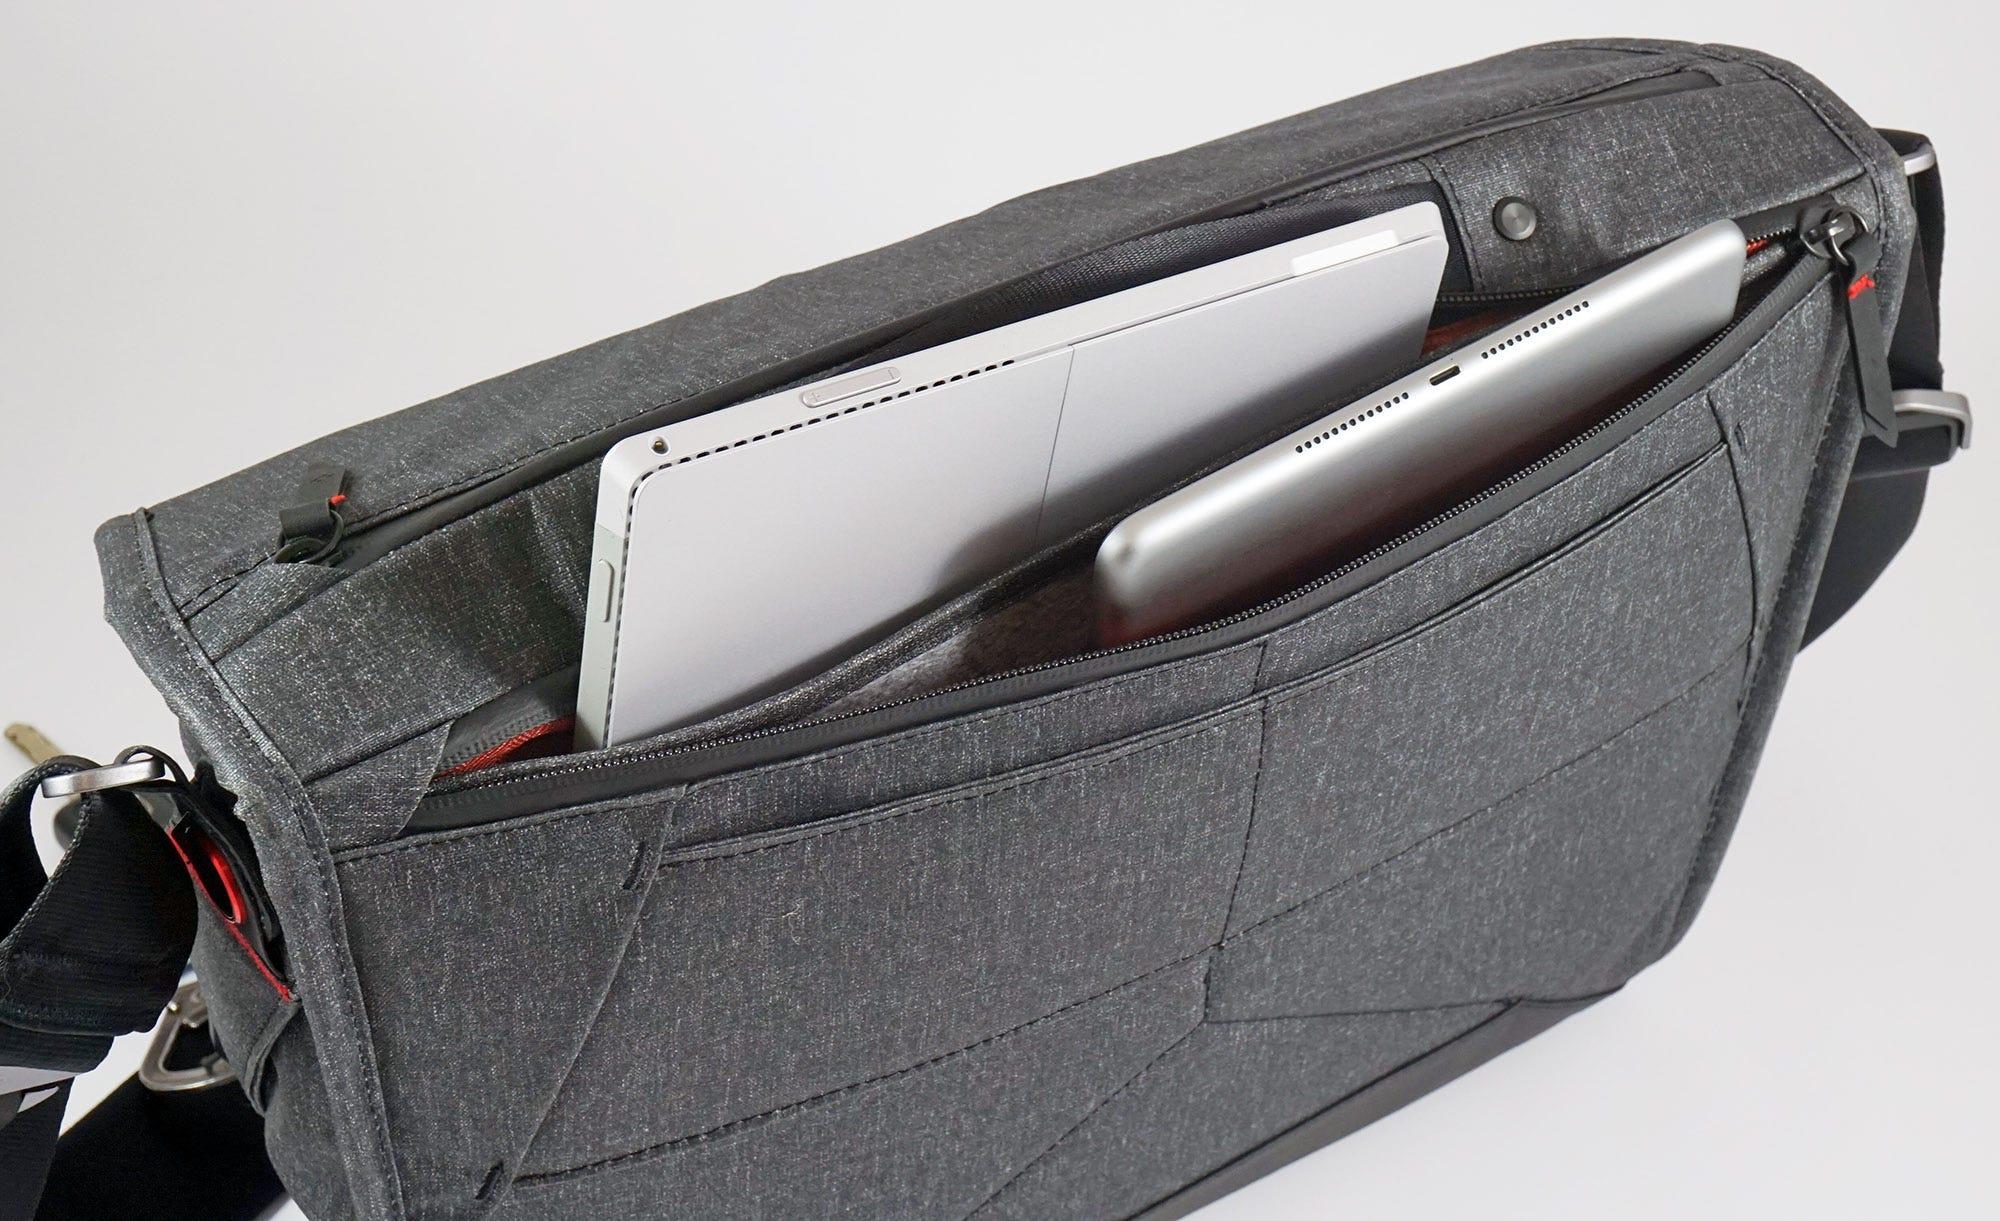 Peak Design Everyday Messenger Bag Review: Eine fantastische Tasche mit innovativen Funktionen